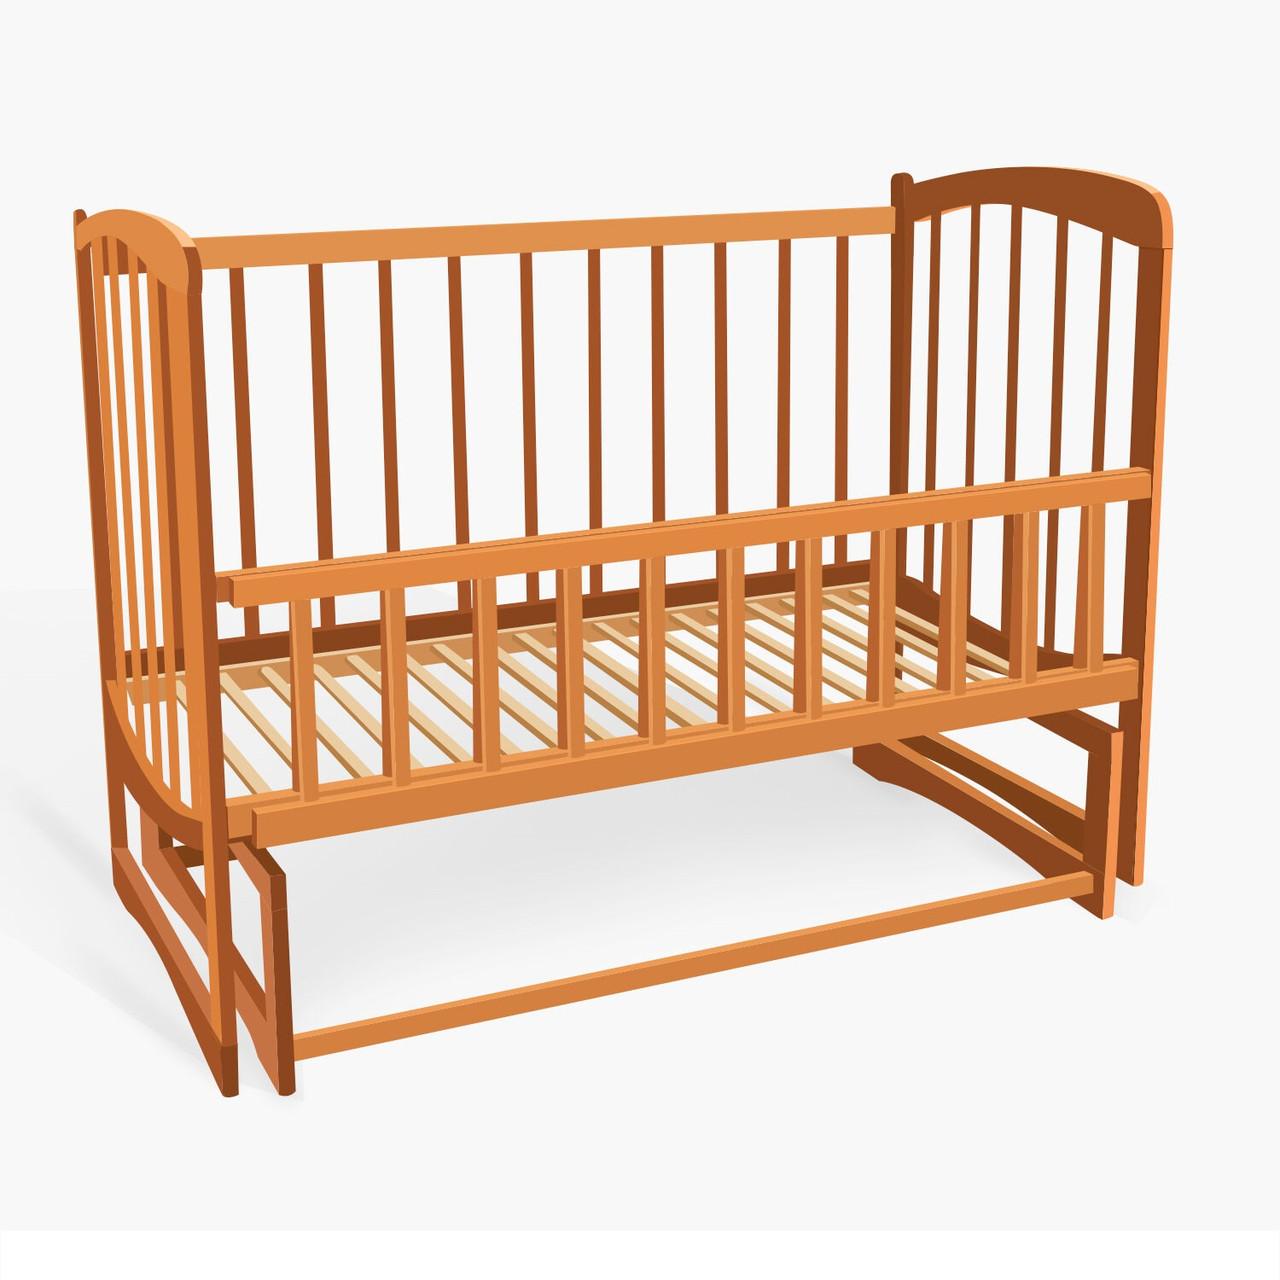 Кроватка деревянная Комета из ольхи - цвет светло-коричневый